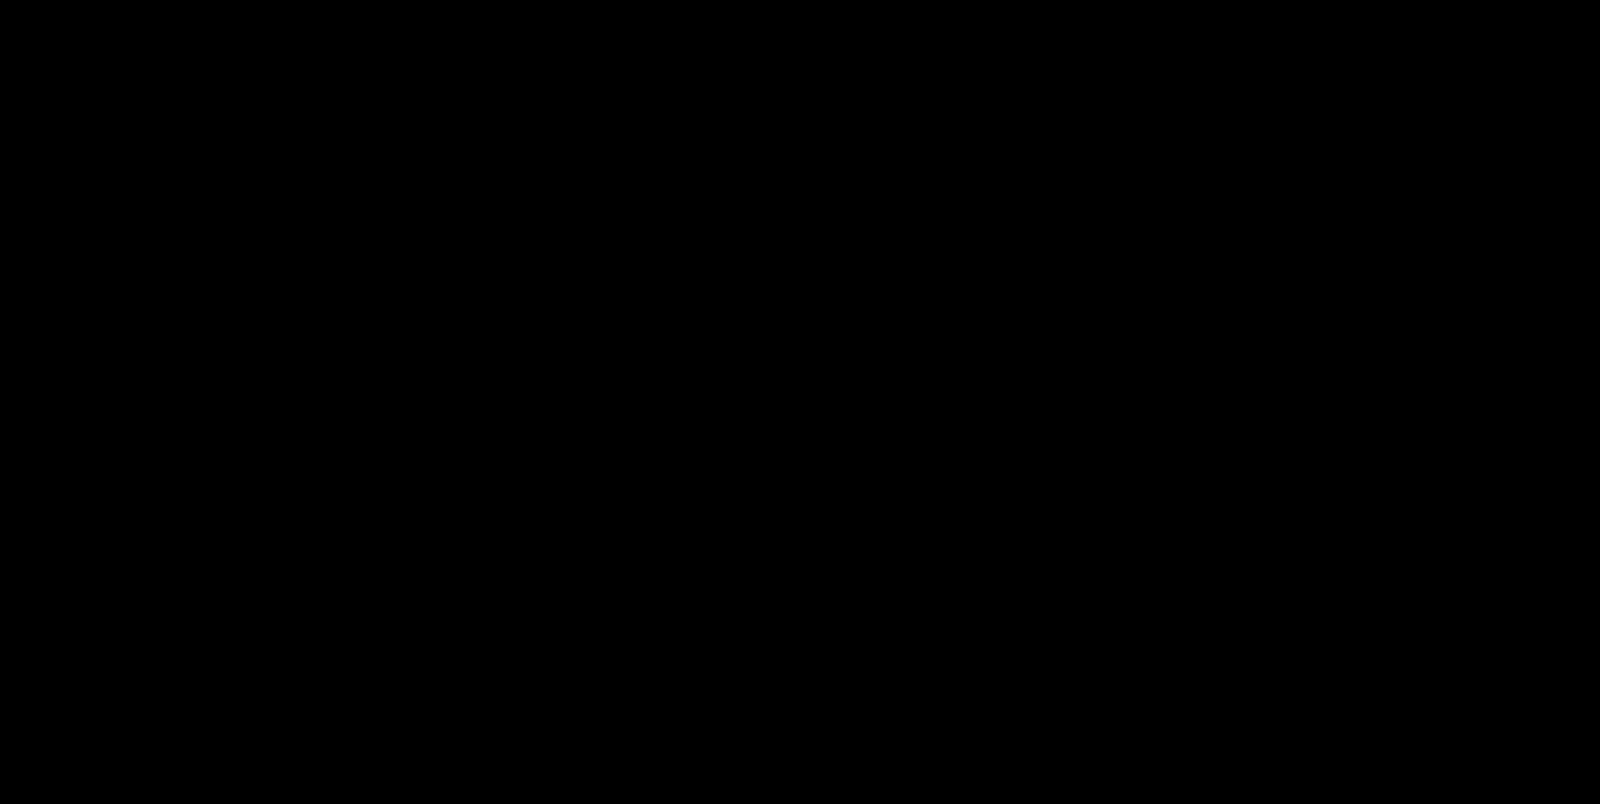 長渕剛の画像 p1_31